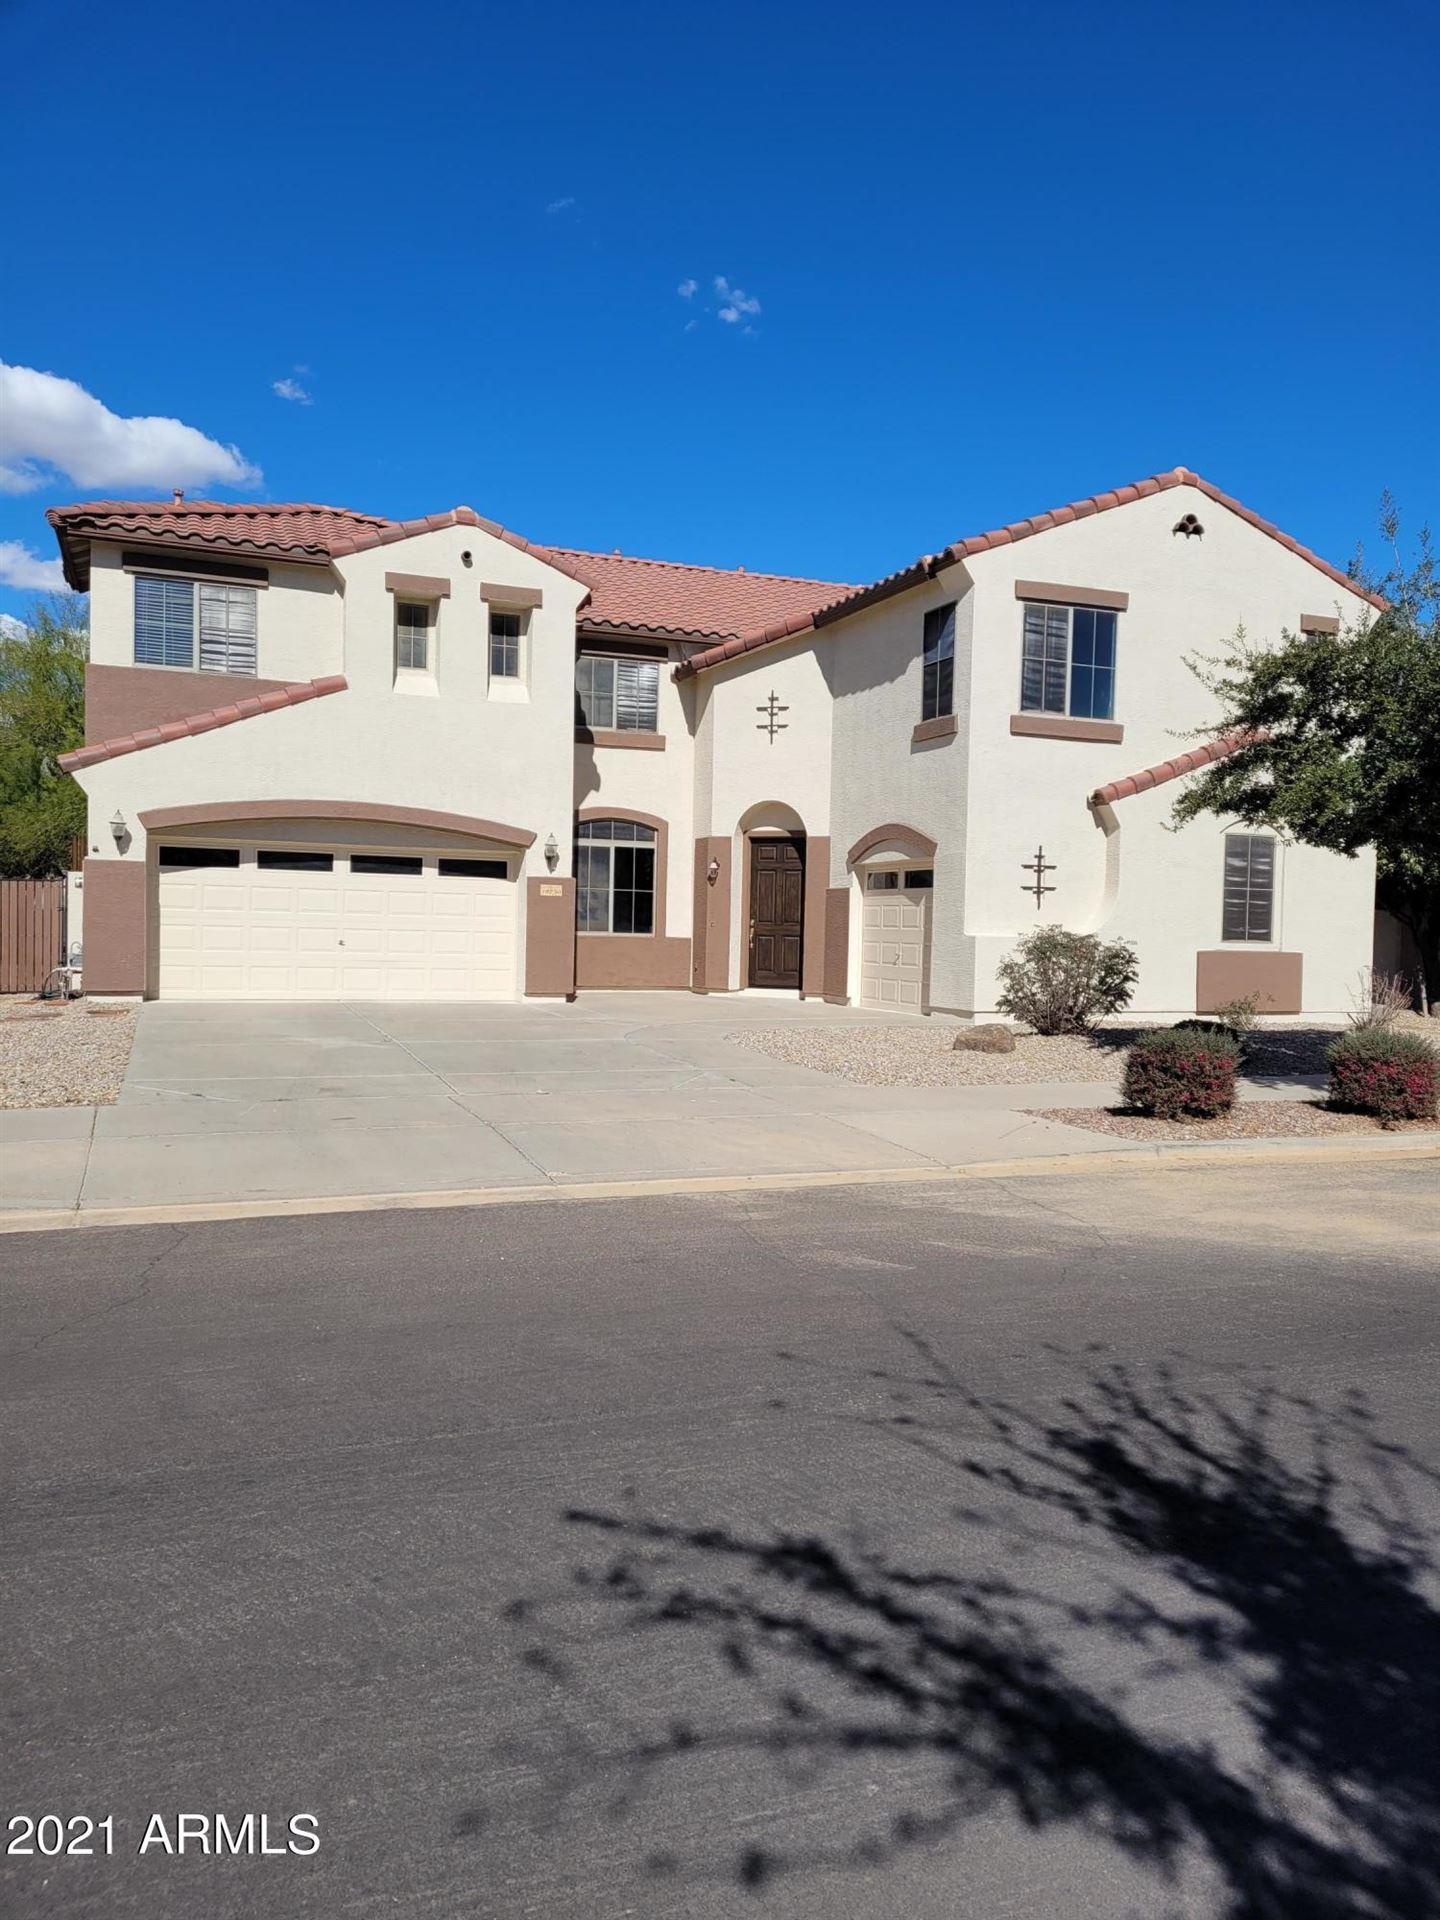 Photo of 18750 E REINS Road, Queen Creek, AZ 85142 (MLS # 6203803)